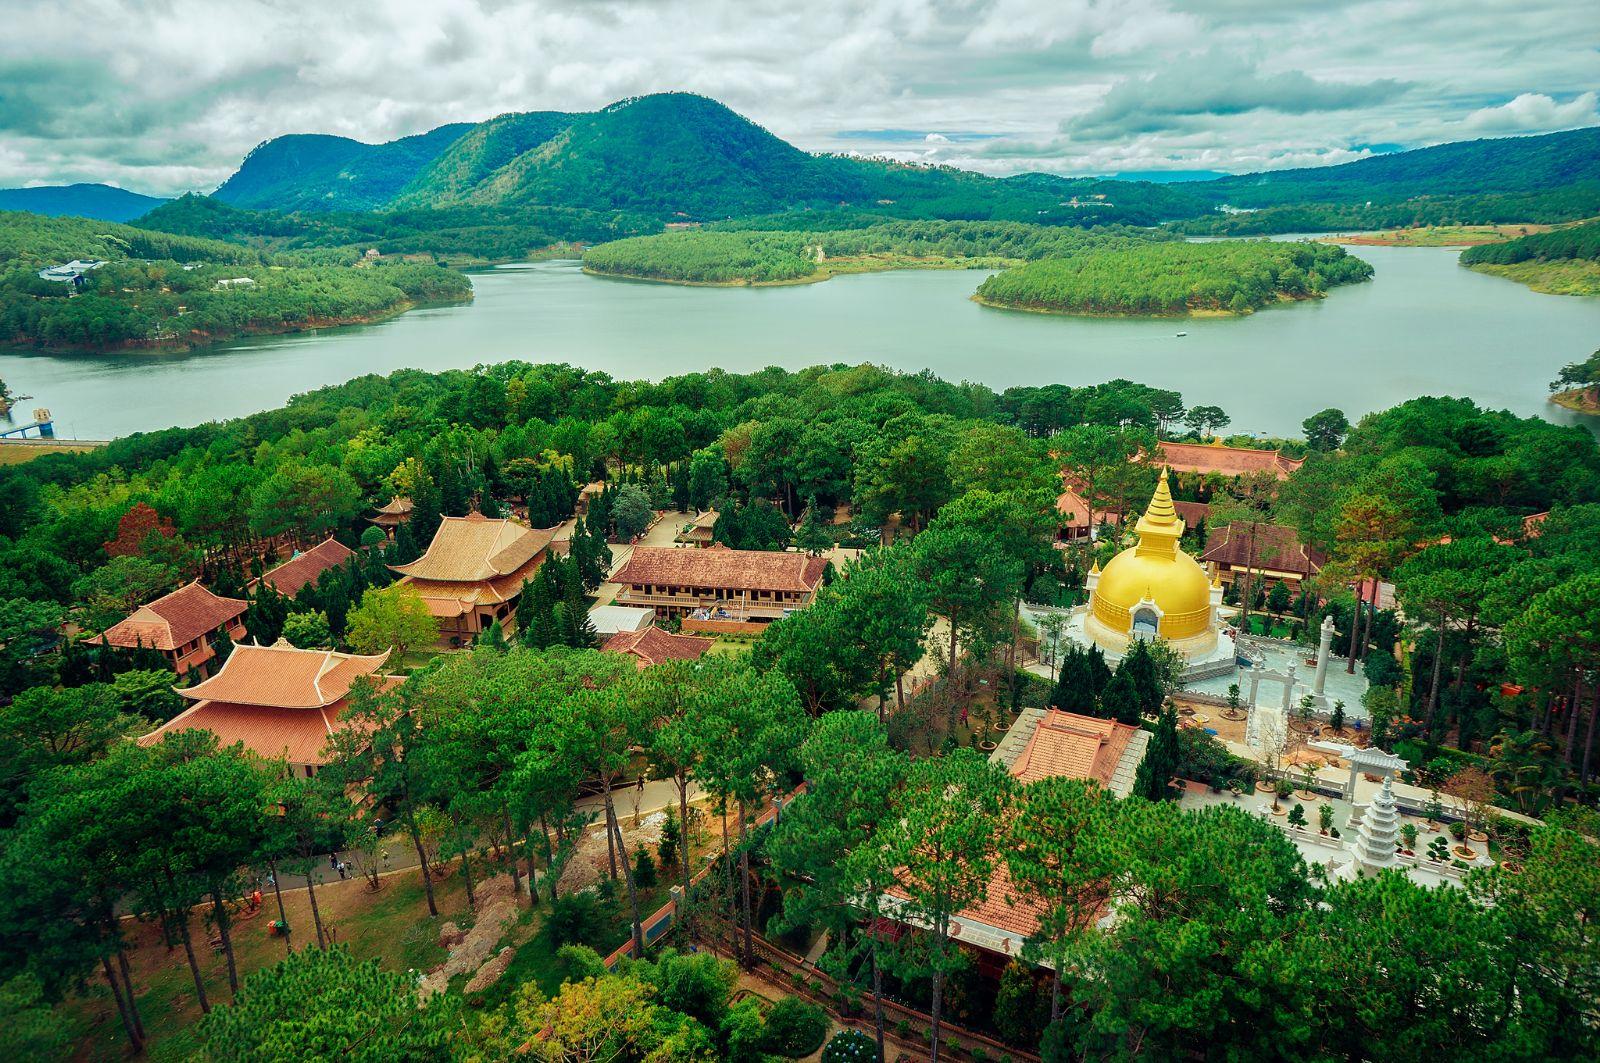 Ảnh đẹp thiền viện ở Đà lạt